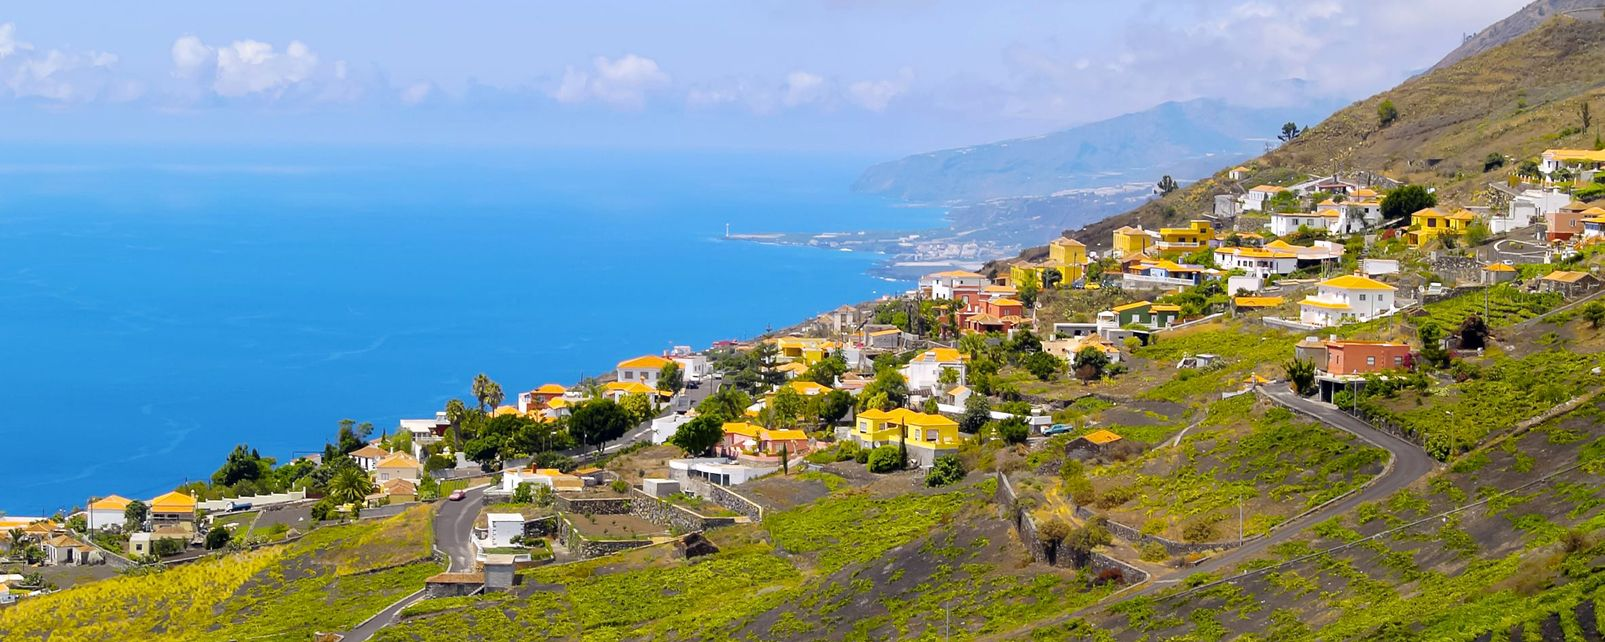 Les paysages, volcan, ile, canaries, espagne, europe, san antonio, teneguia, fuencaliente, mediterranée